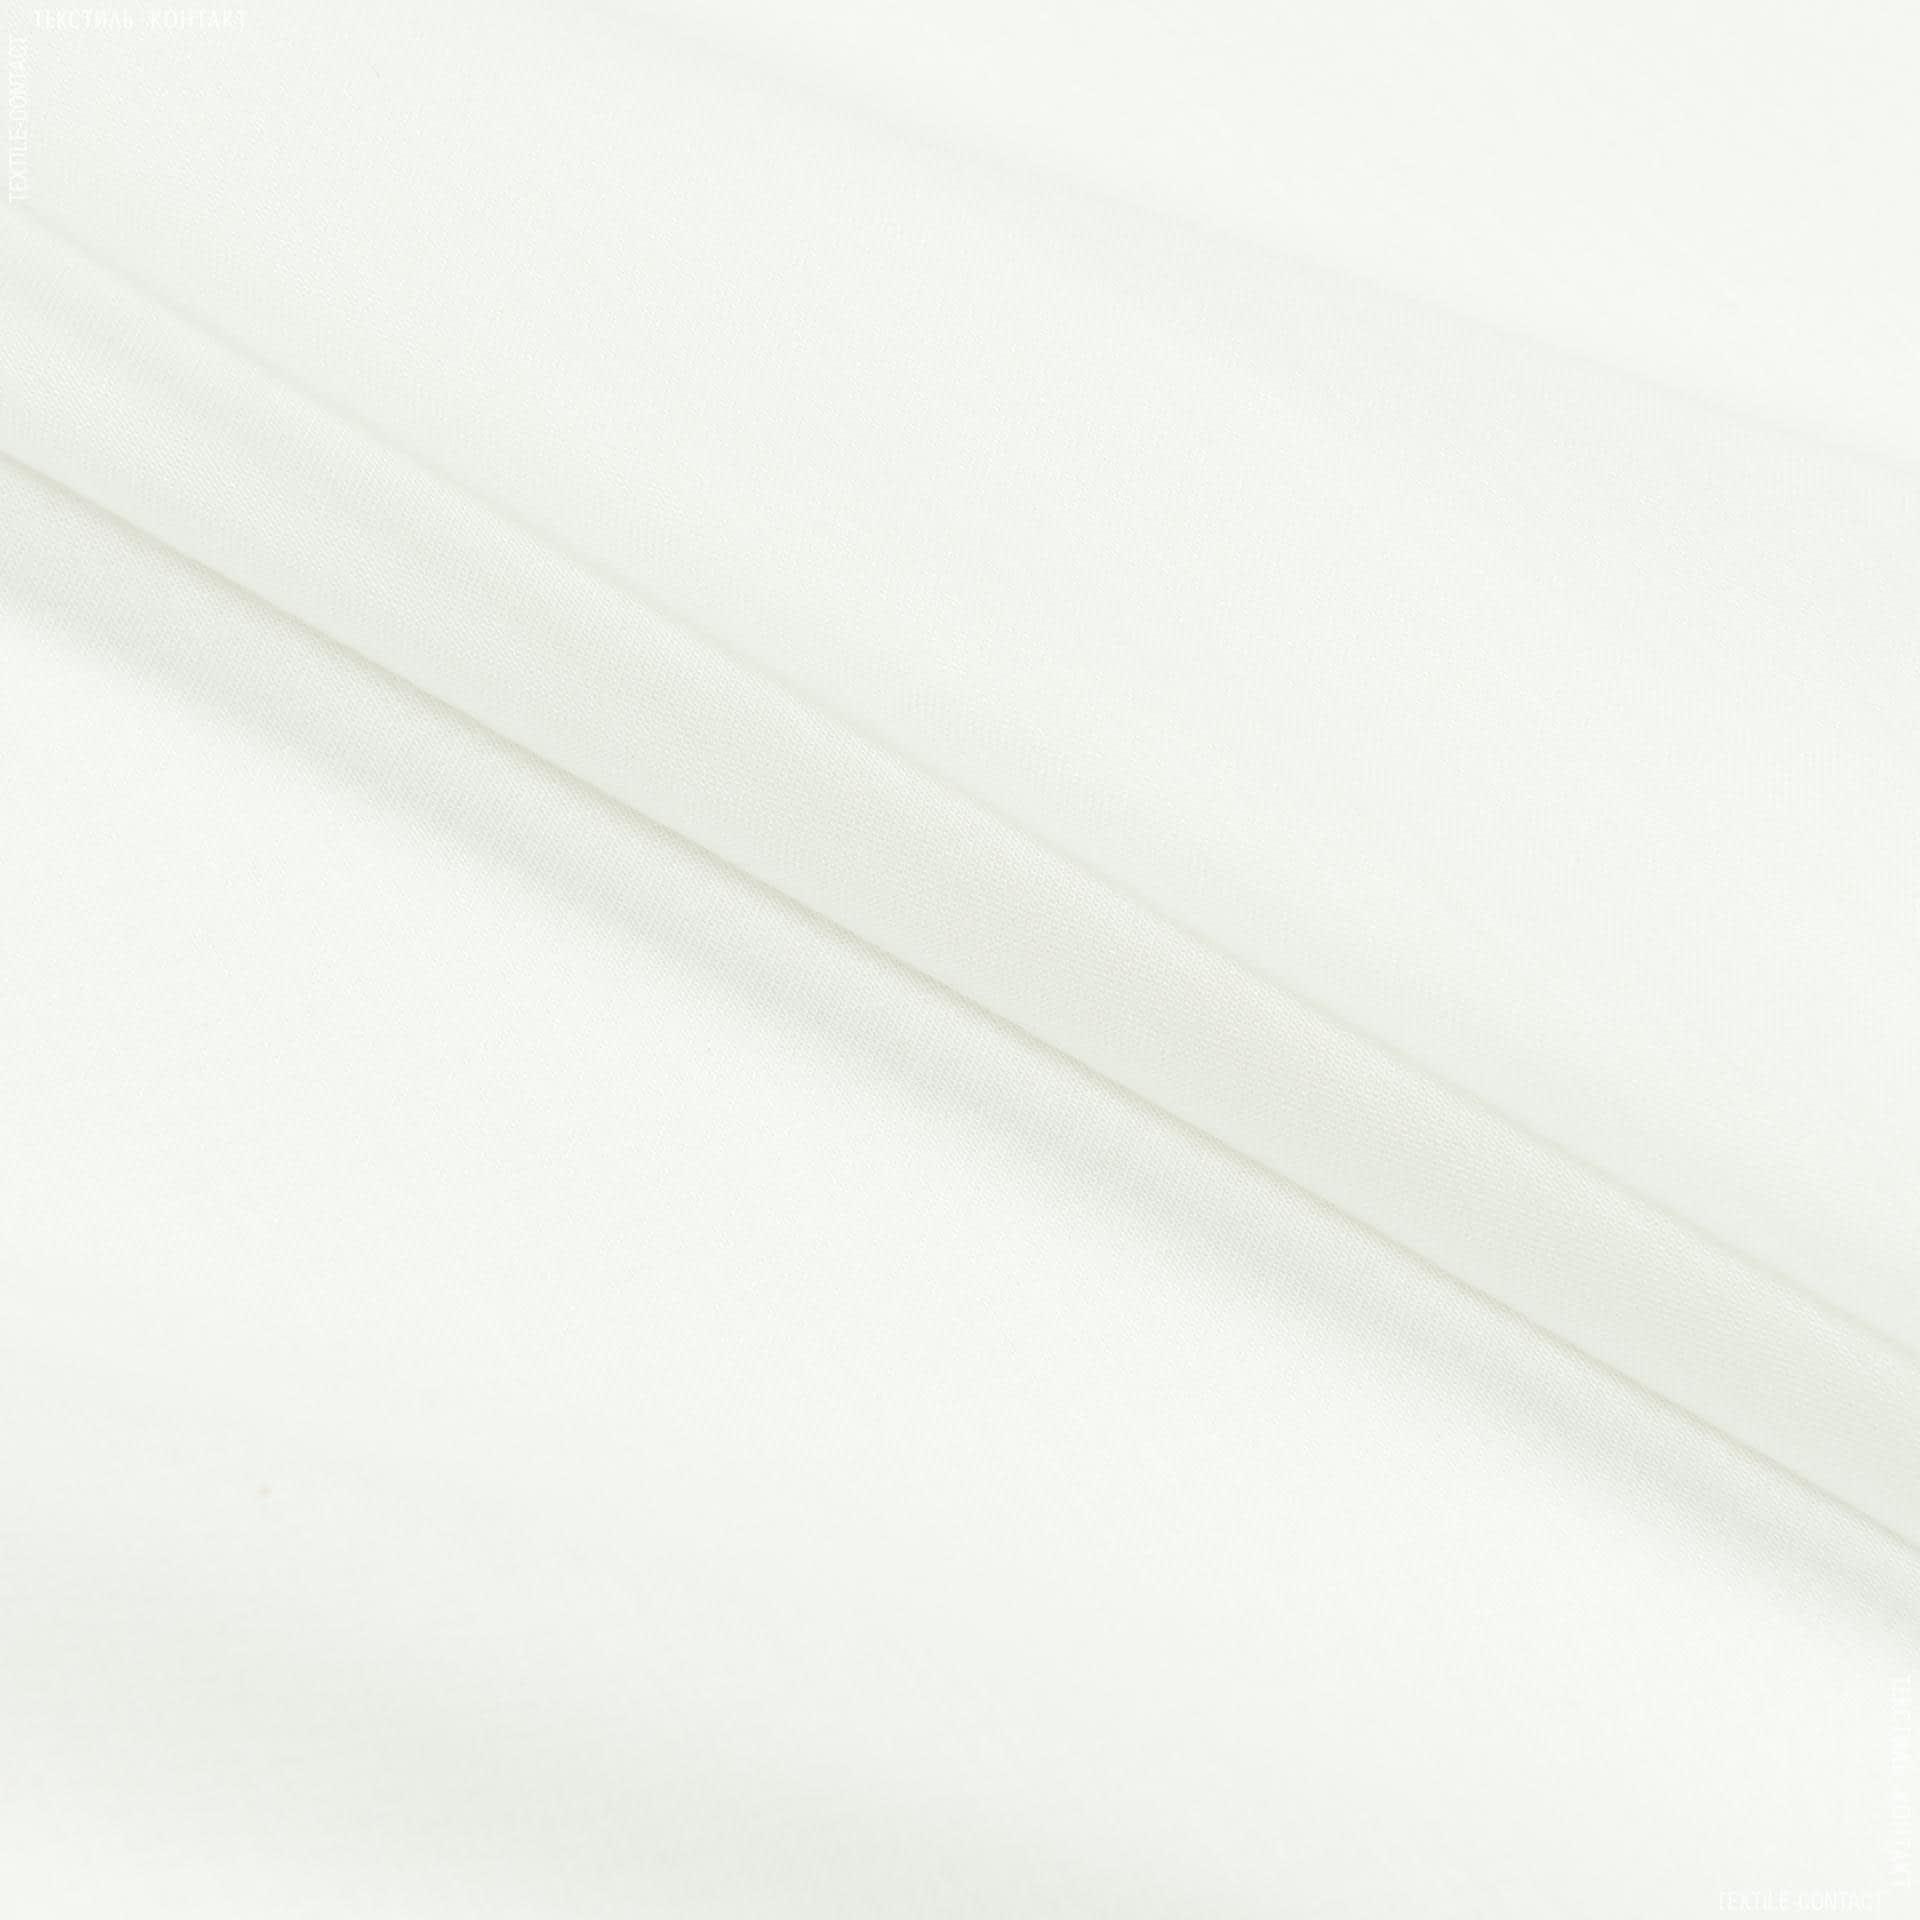 Ткани для драпировки стен и потолков - Тюль батист гавана с утяжелителем молочный